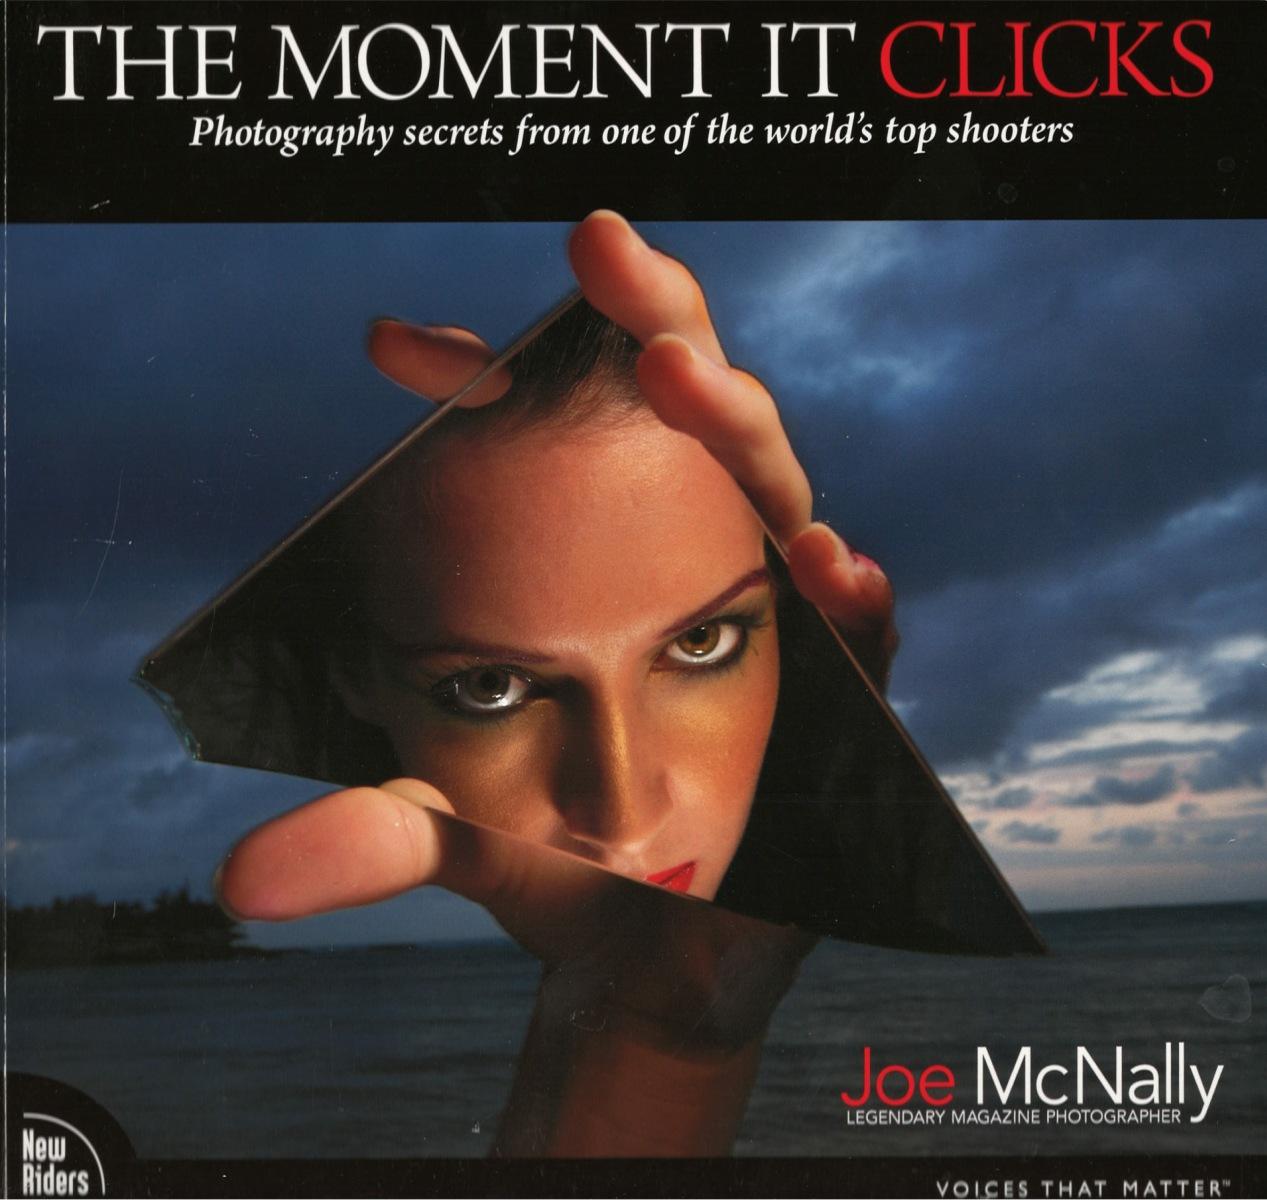 The-Moment-it-Clicks-copy